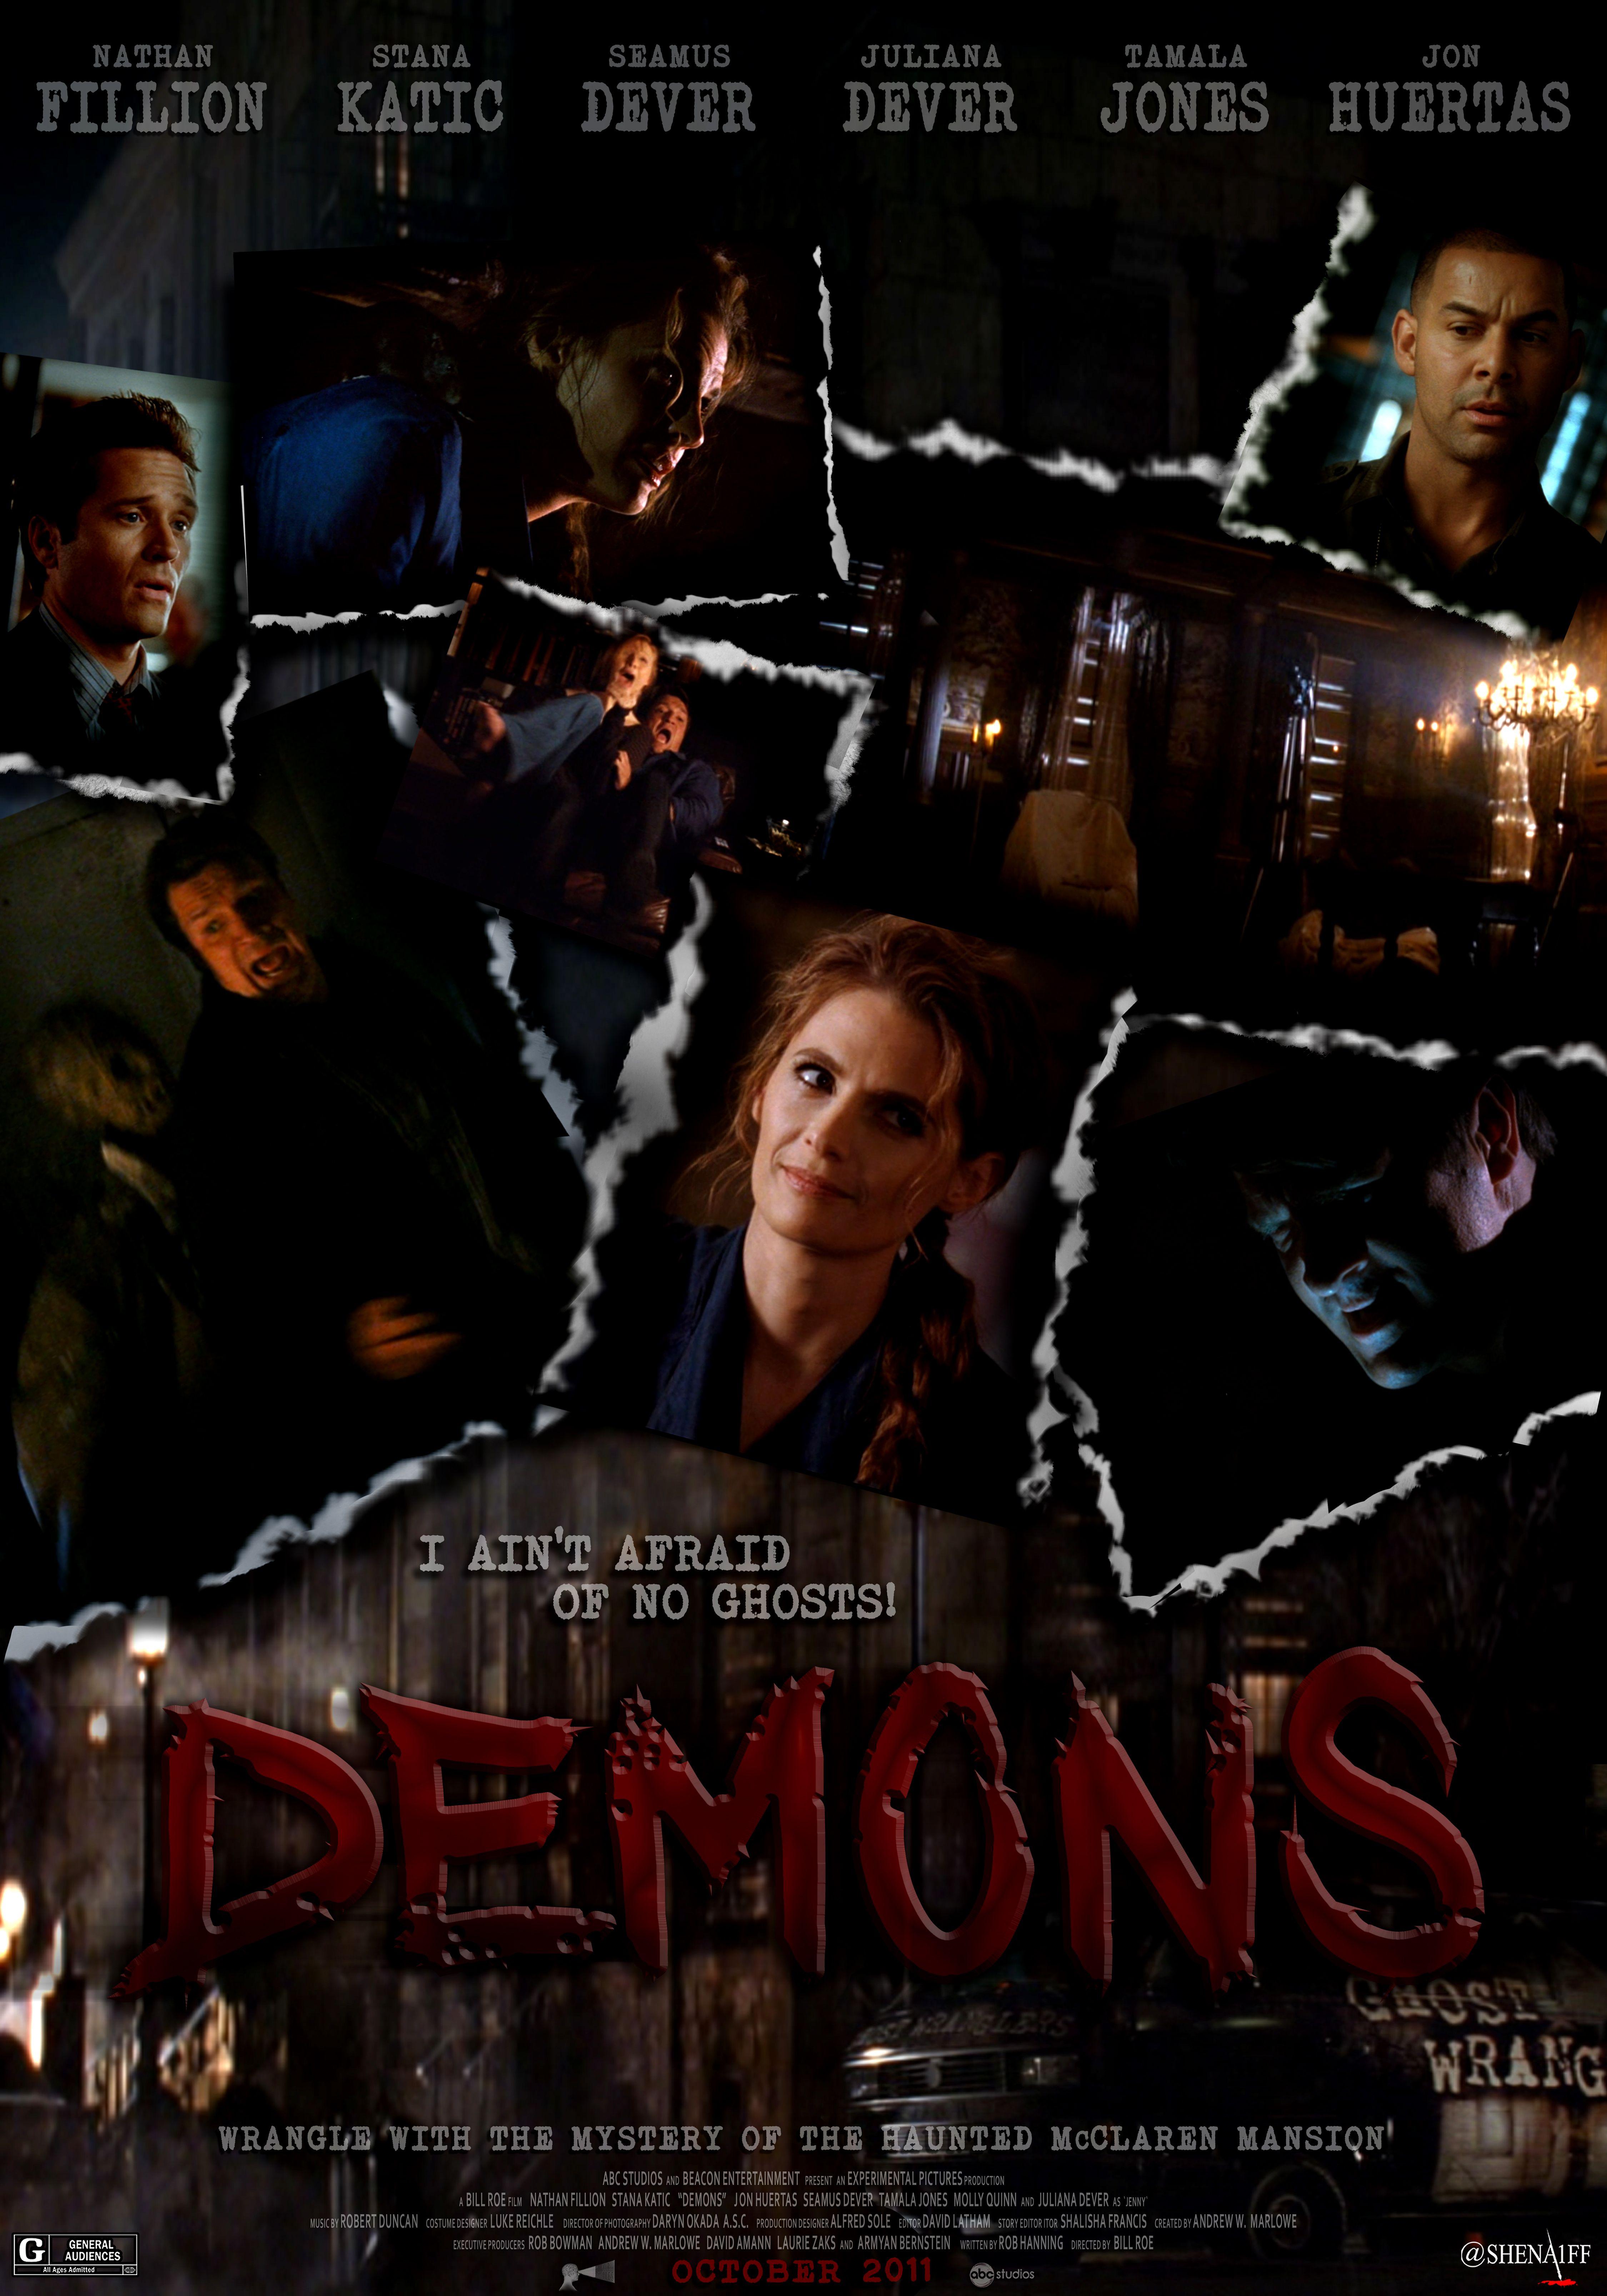 Castle 4x06 - Demons